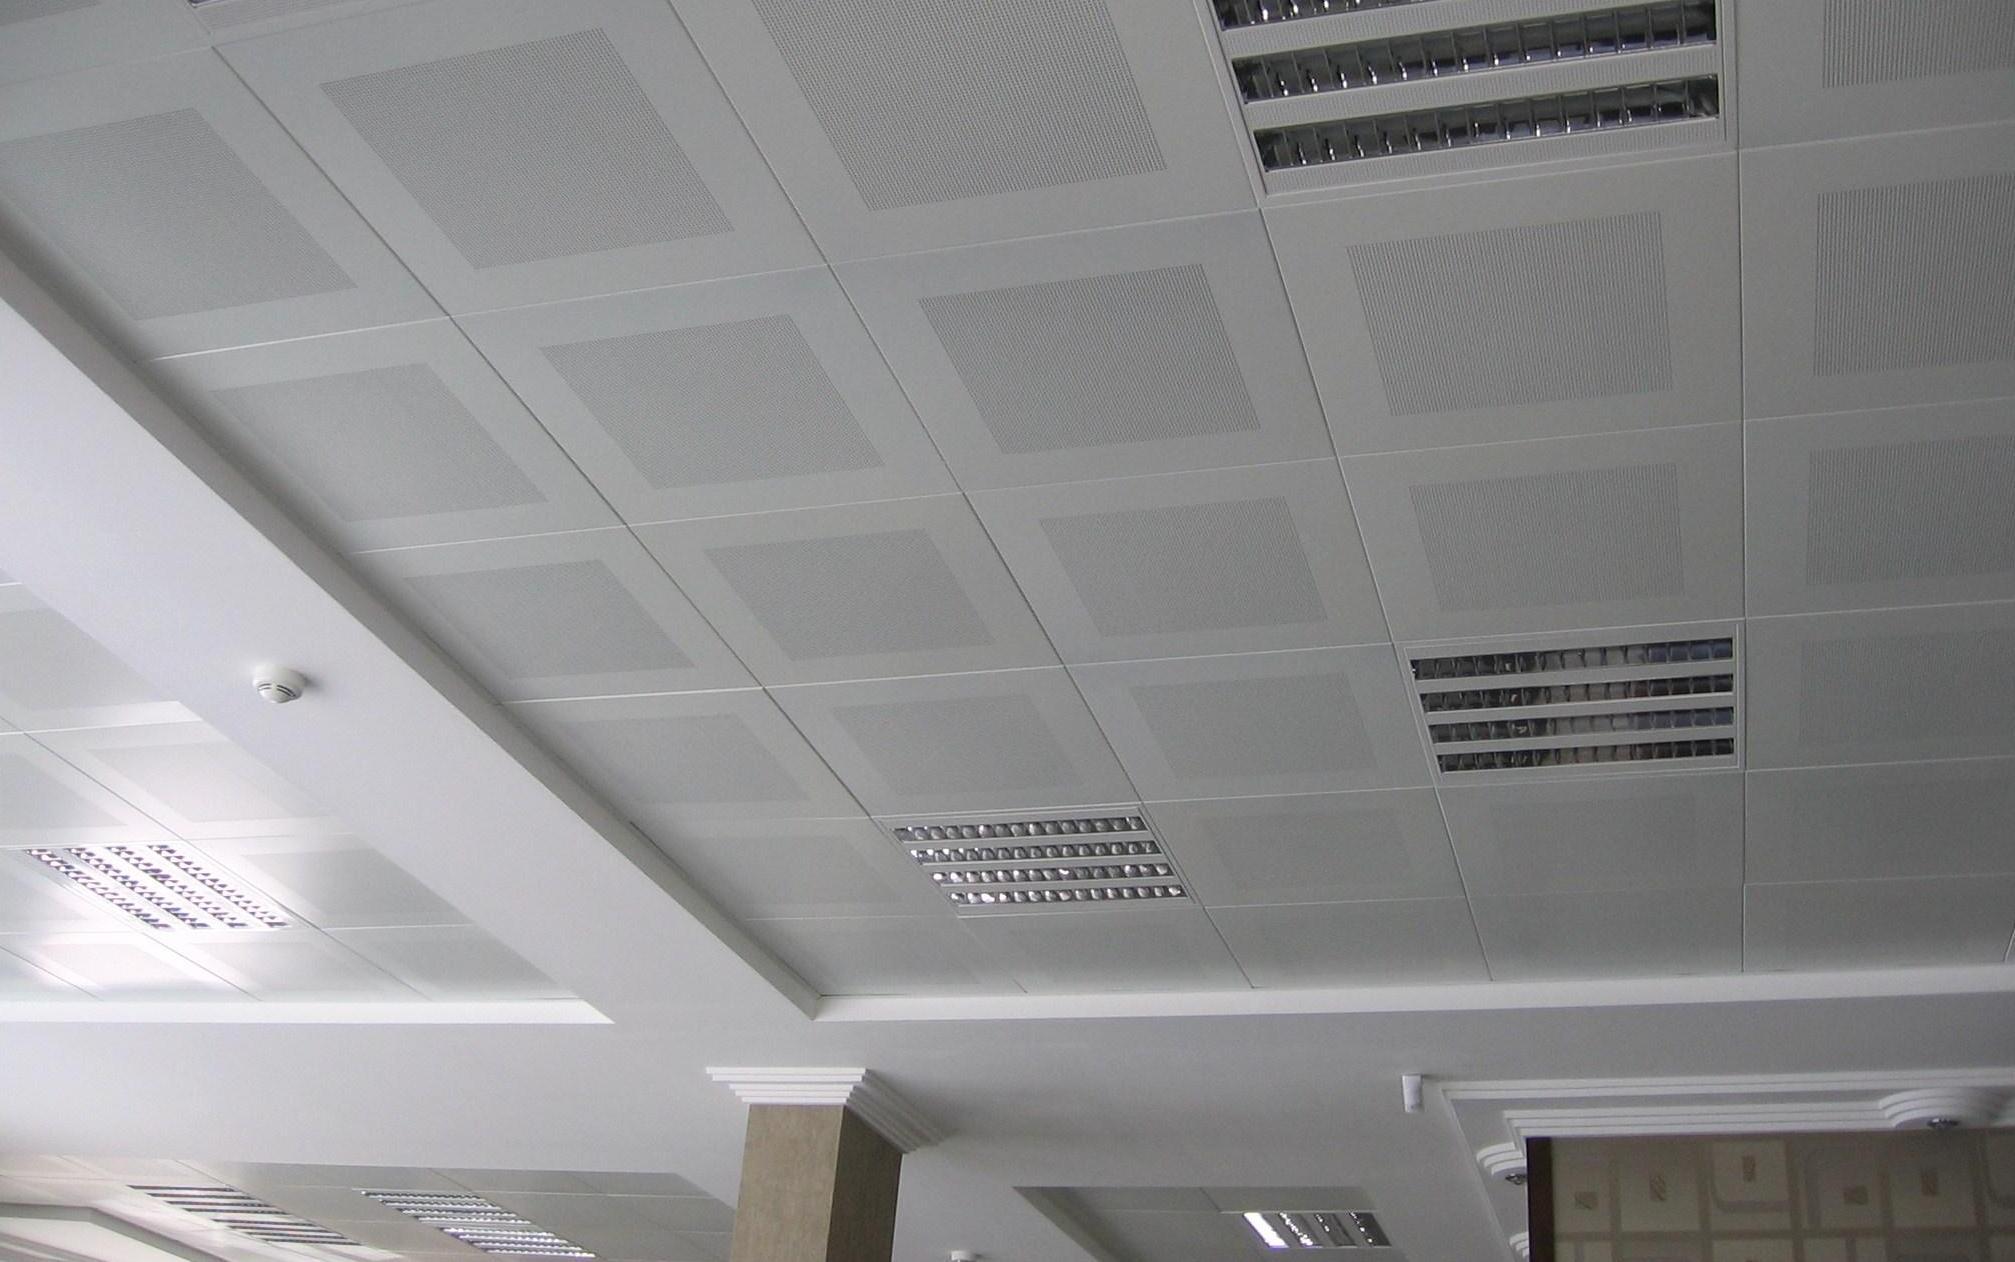 تایل سقف کاذب چیست استوارسازان